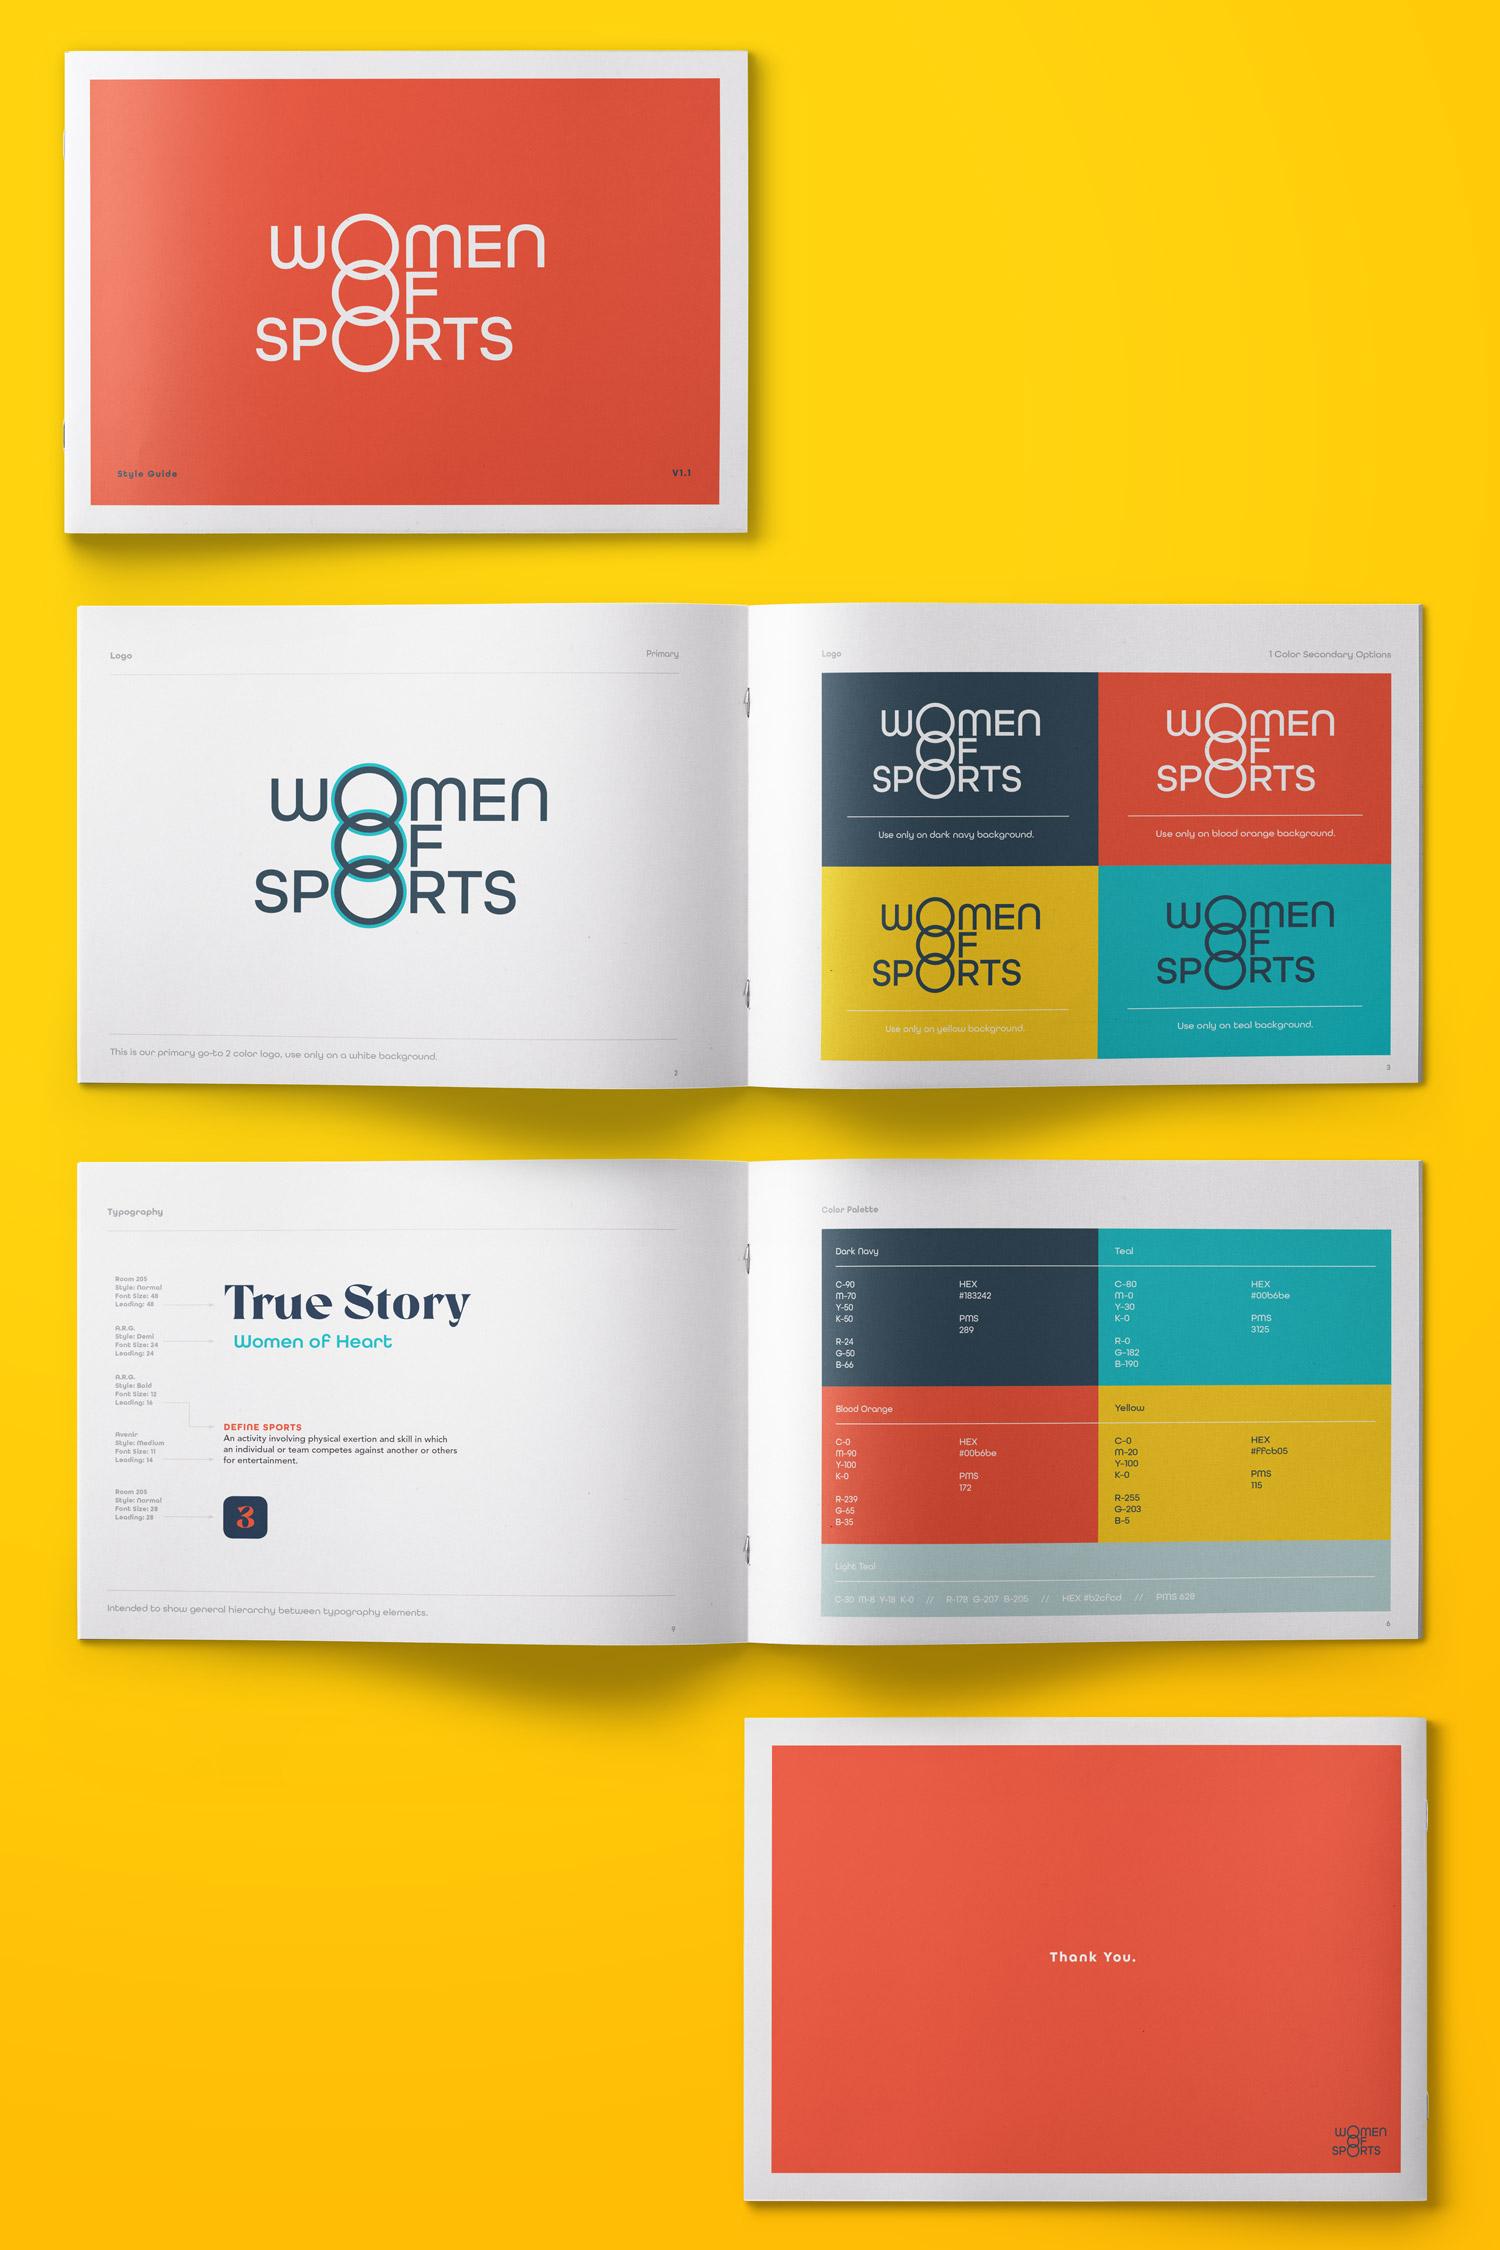 Brendan.Design_Women-of-Sports_Guidelines